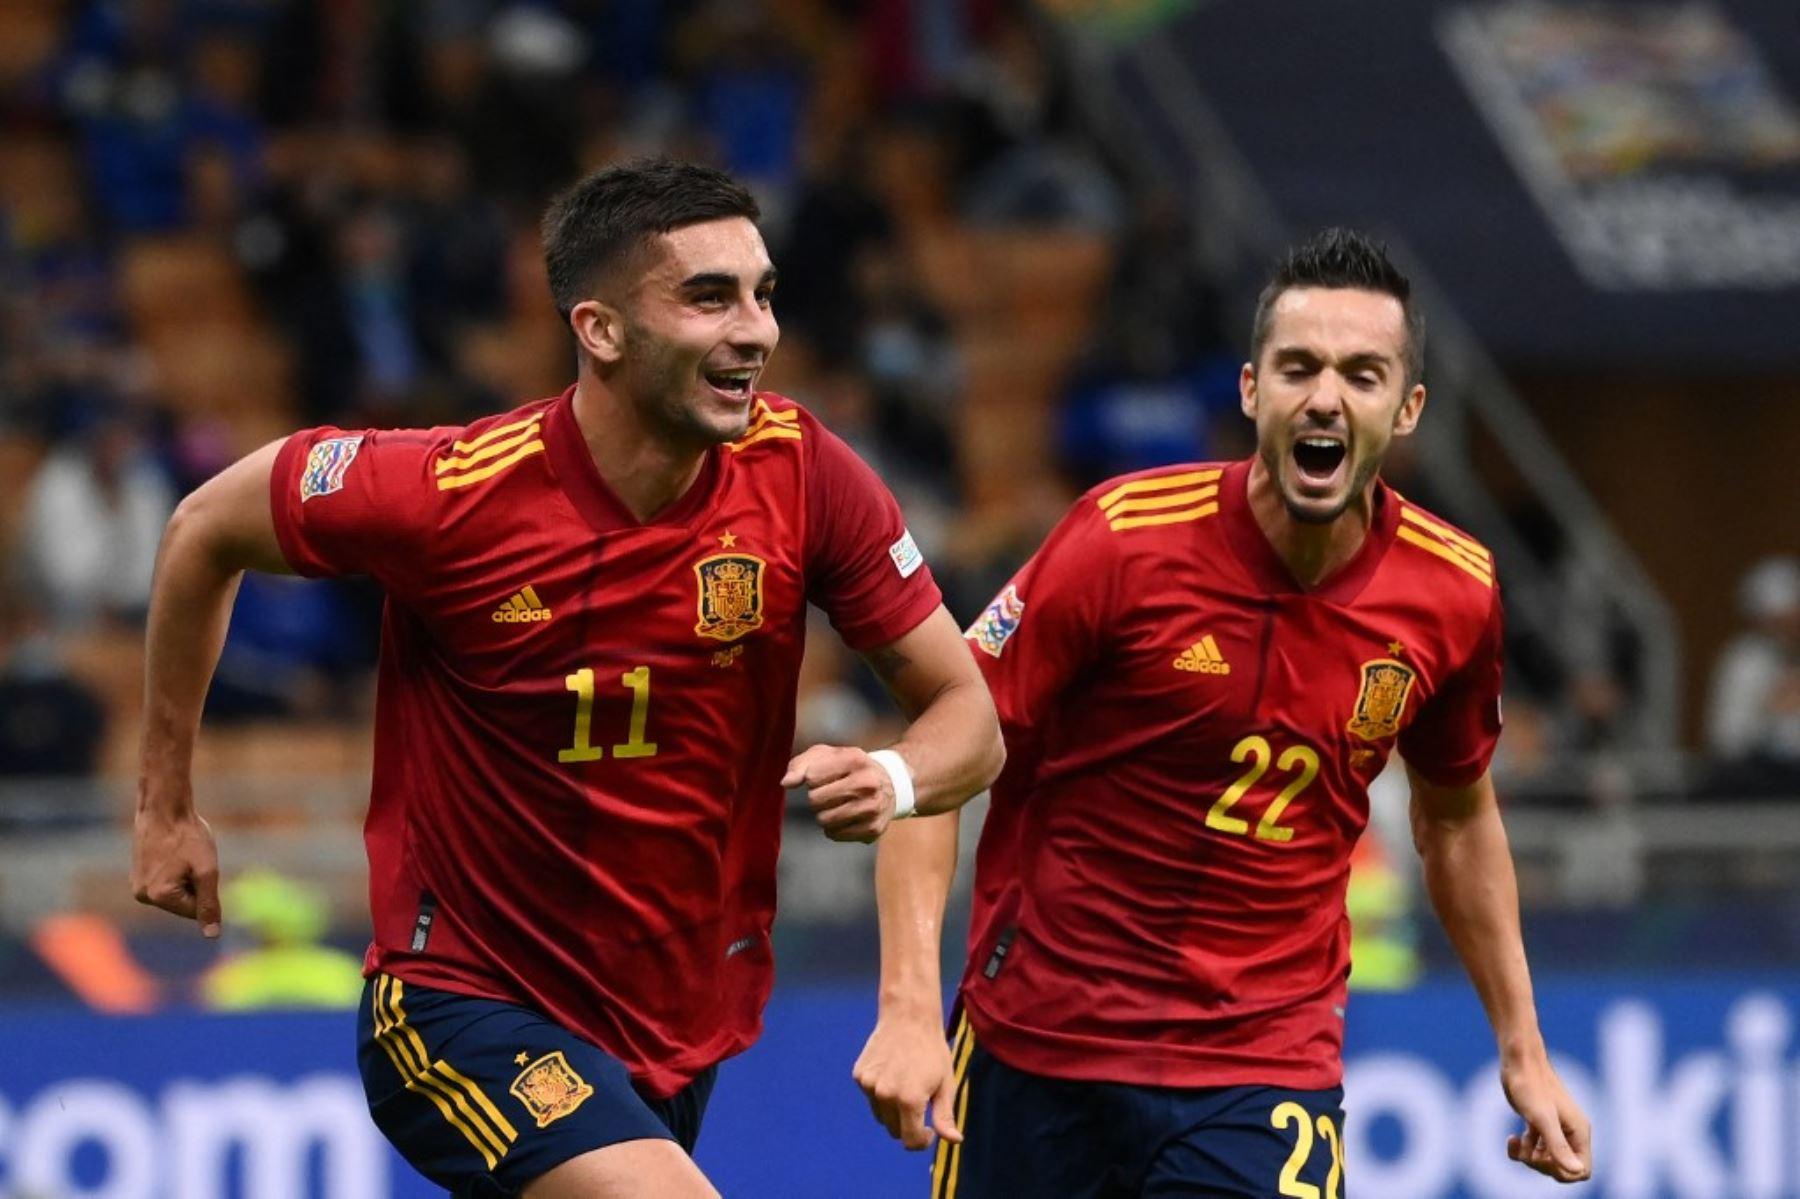 España rompe el récord de Italia y jugará la final de la Liga de Naciones